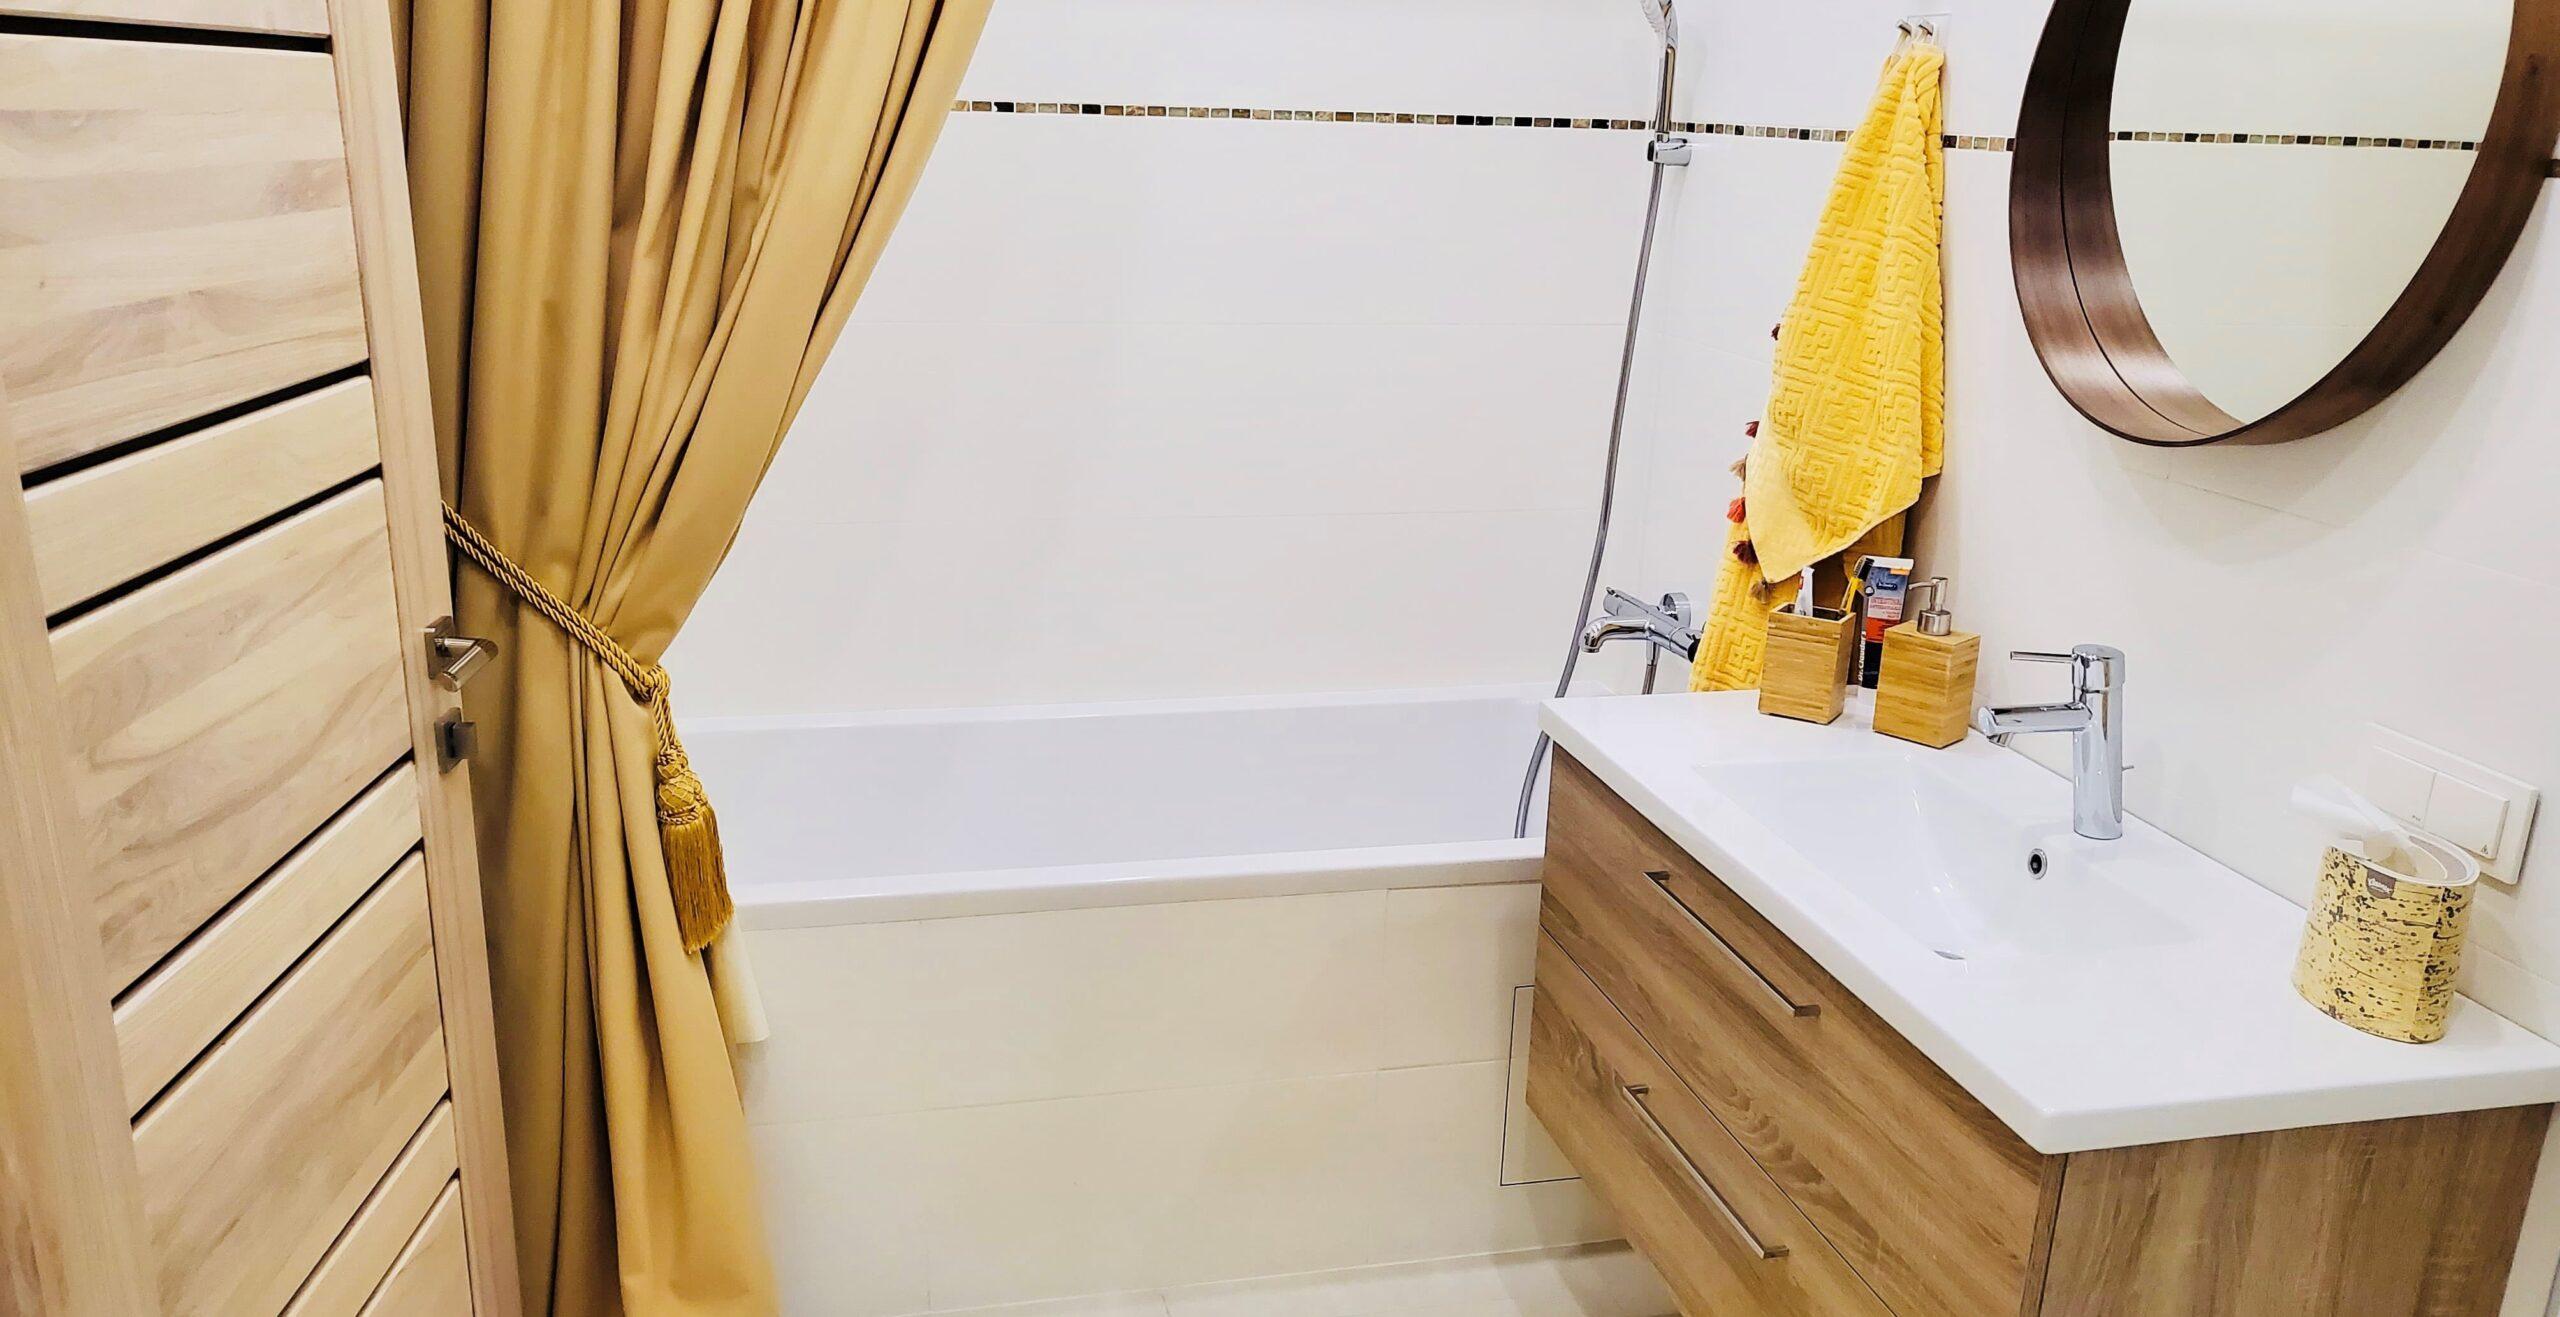 daugiabučio vonia